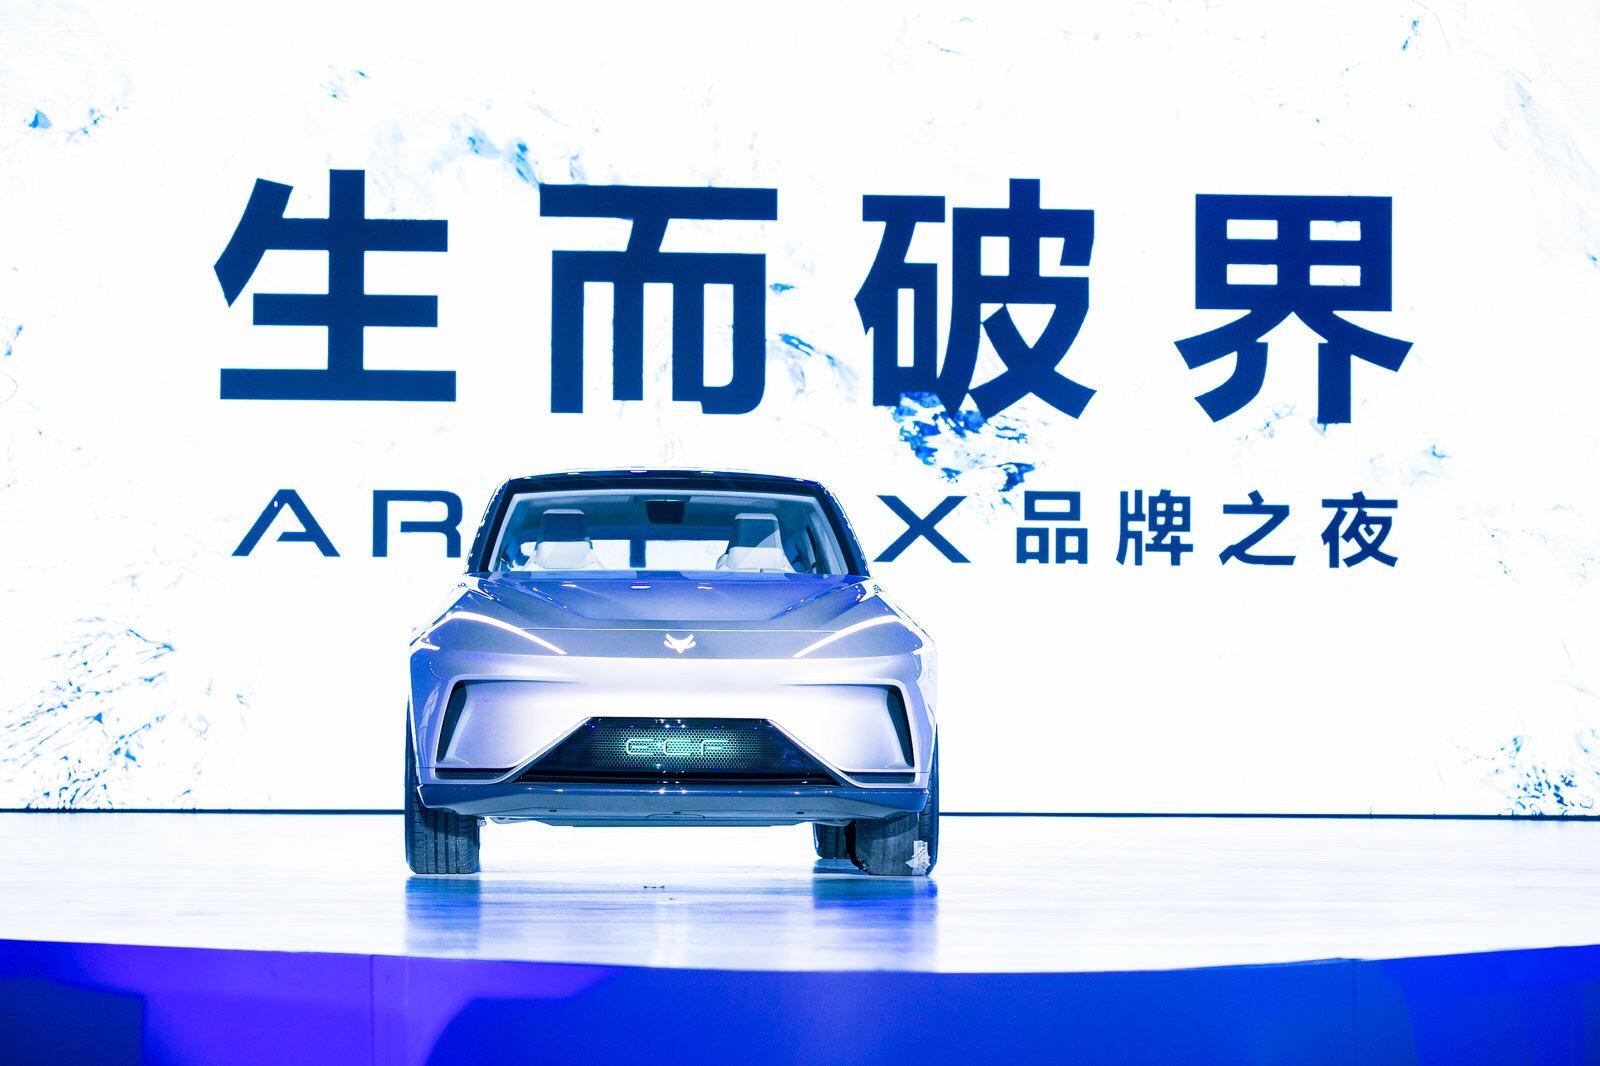 ARCFOX全解析:IMC架构含127功能模块,未来3年推6款车型 【图】